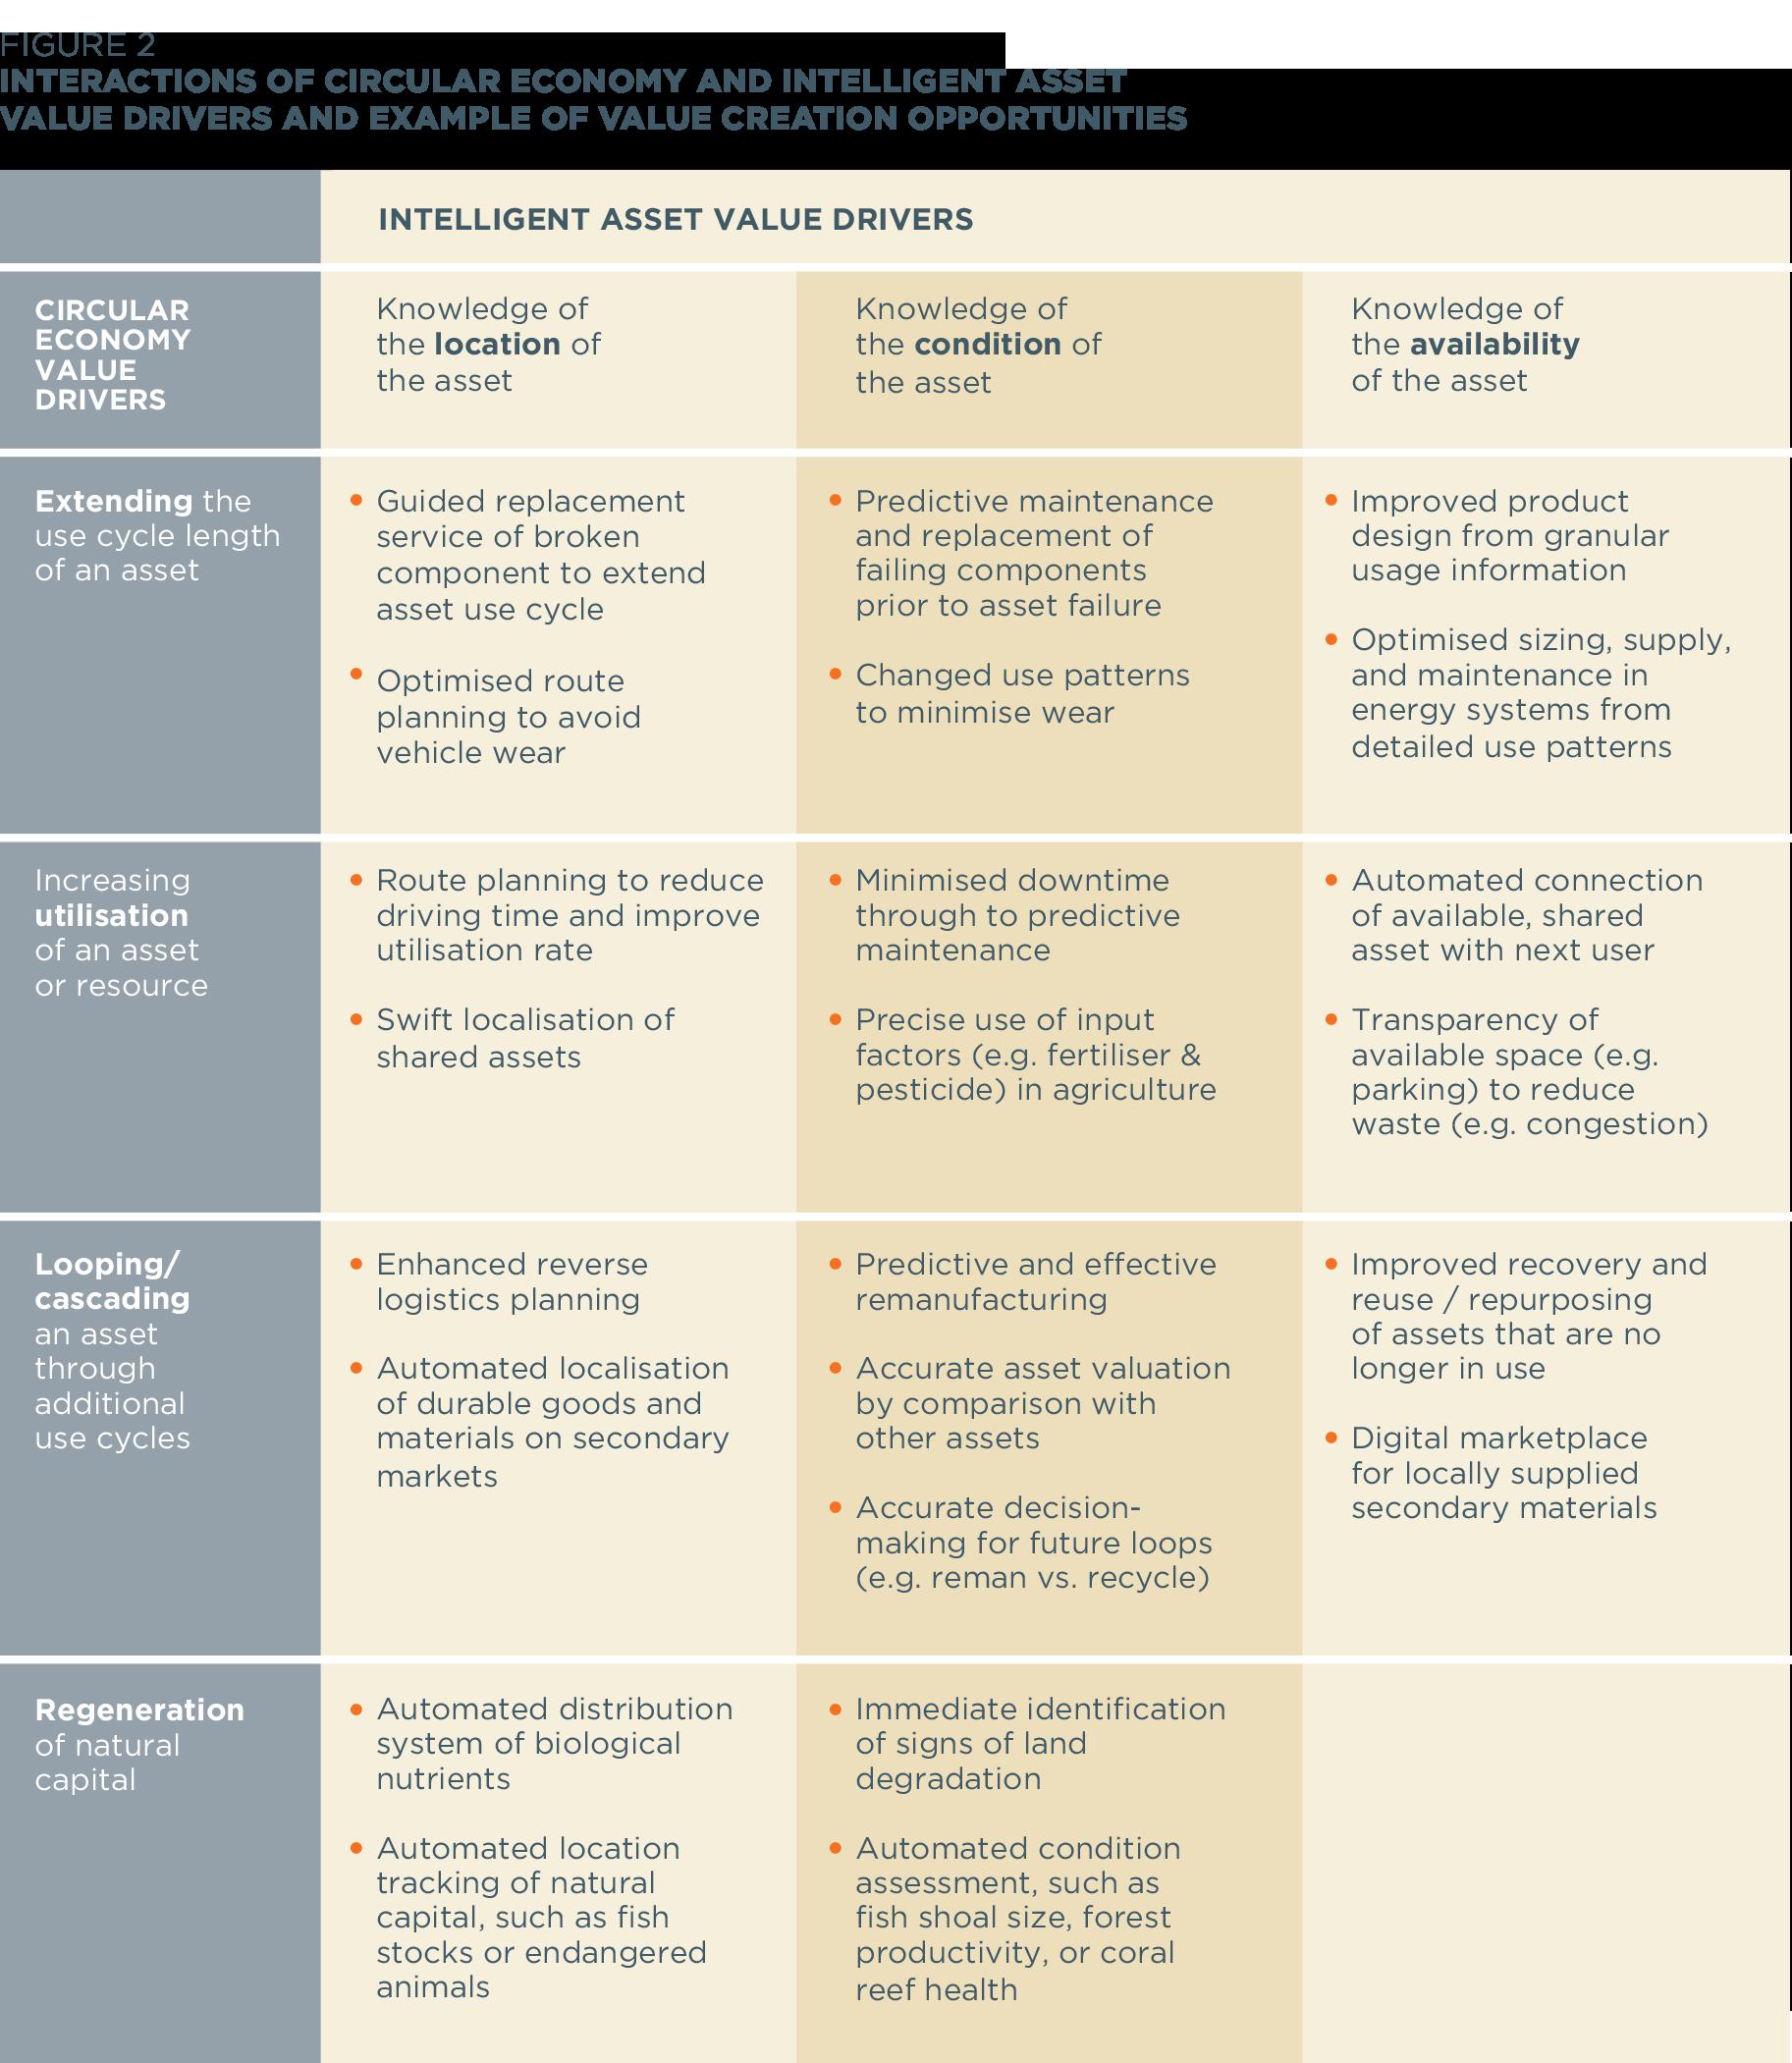 economia-circular-activos-inteligentes